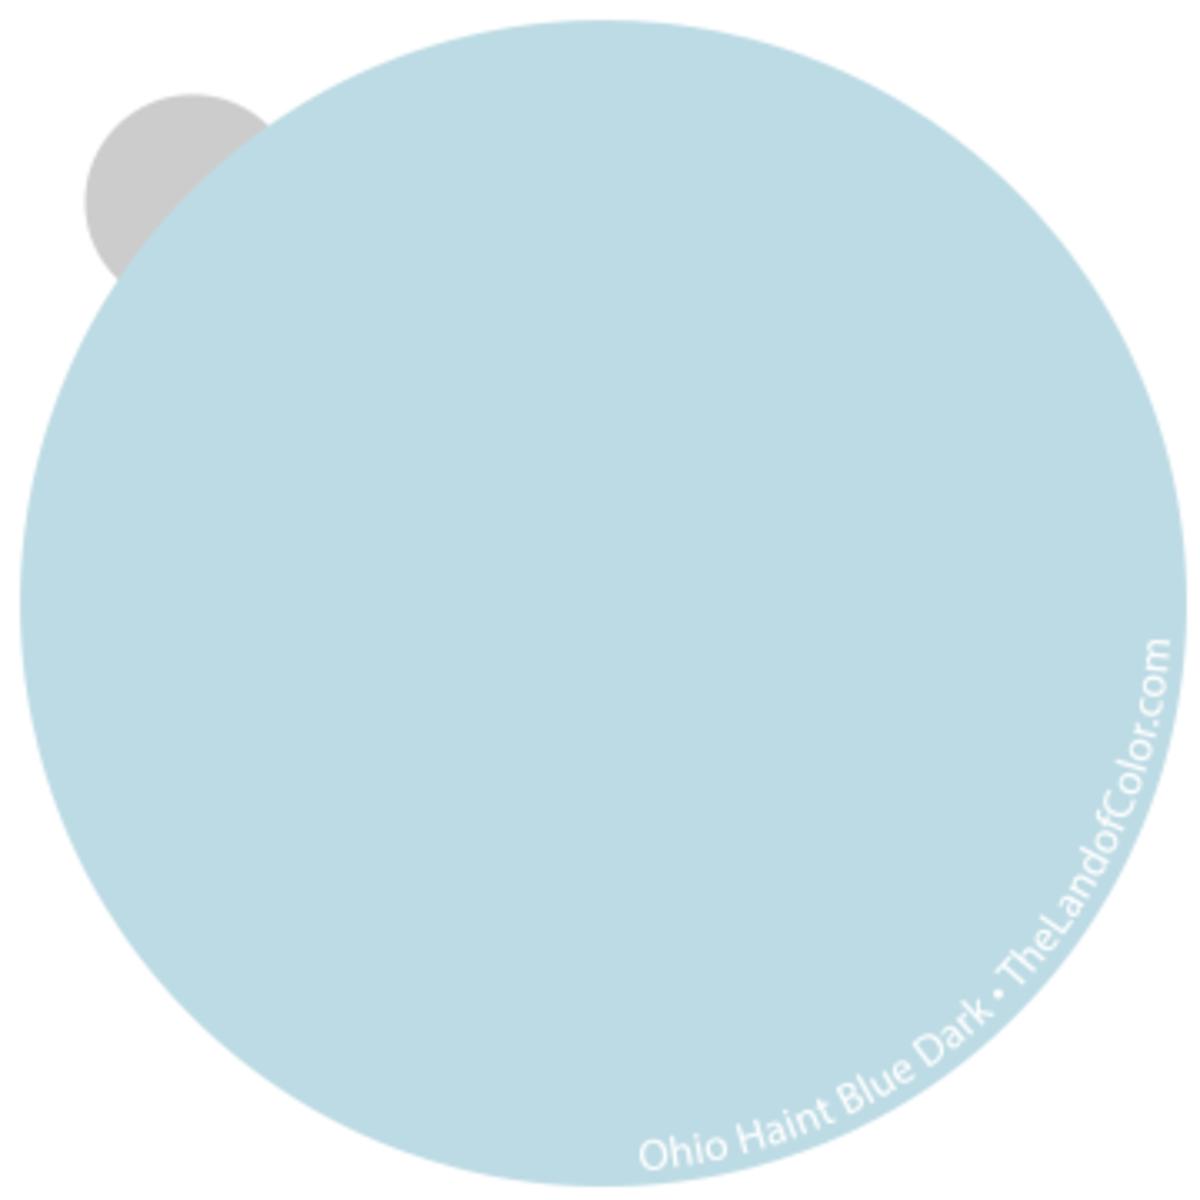 Ohio Haint Blue - Dark